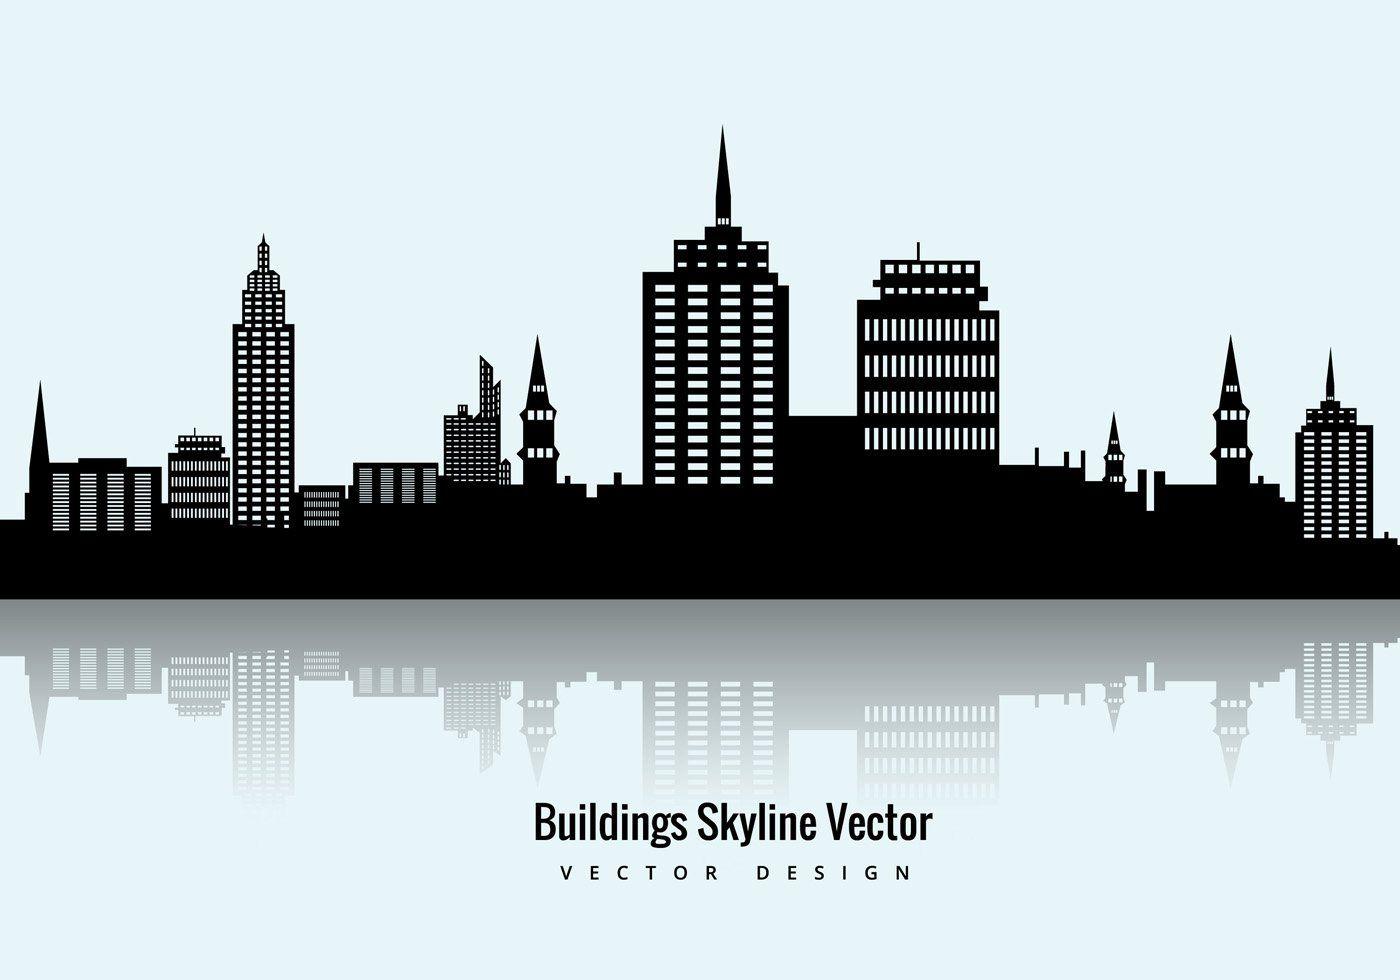 Buildings Skyline Vector Vector Graphic — skyscraper ...